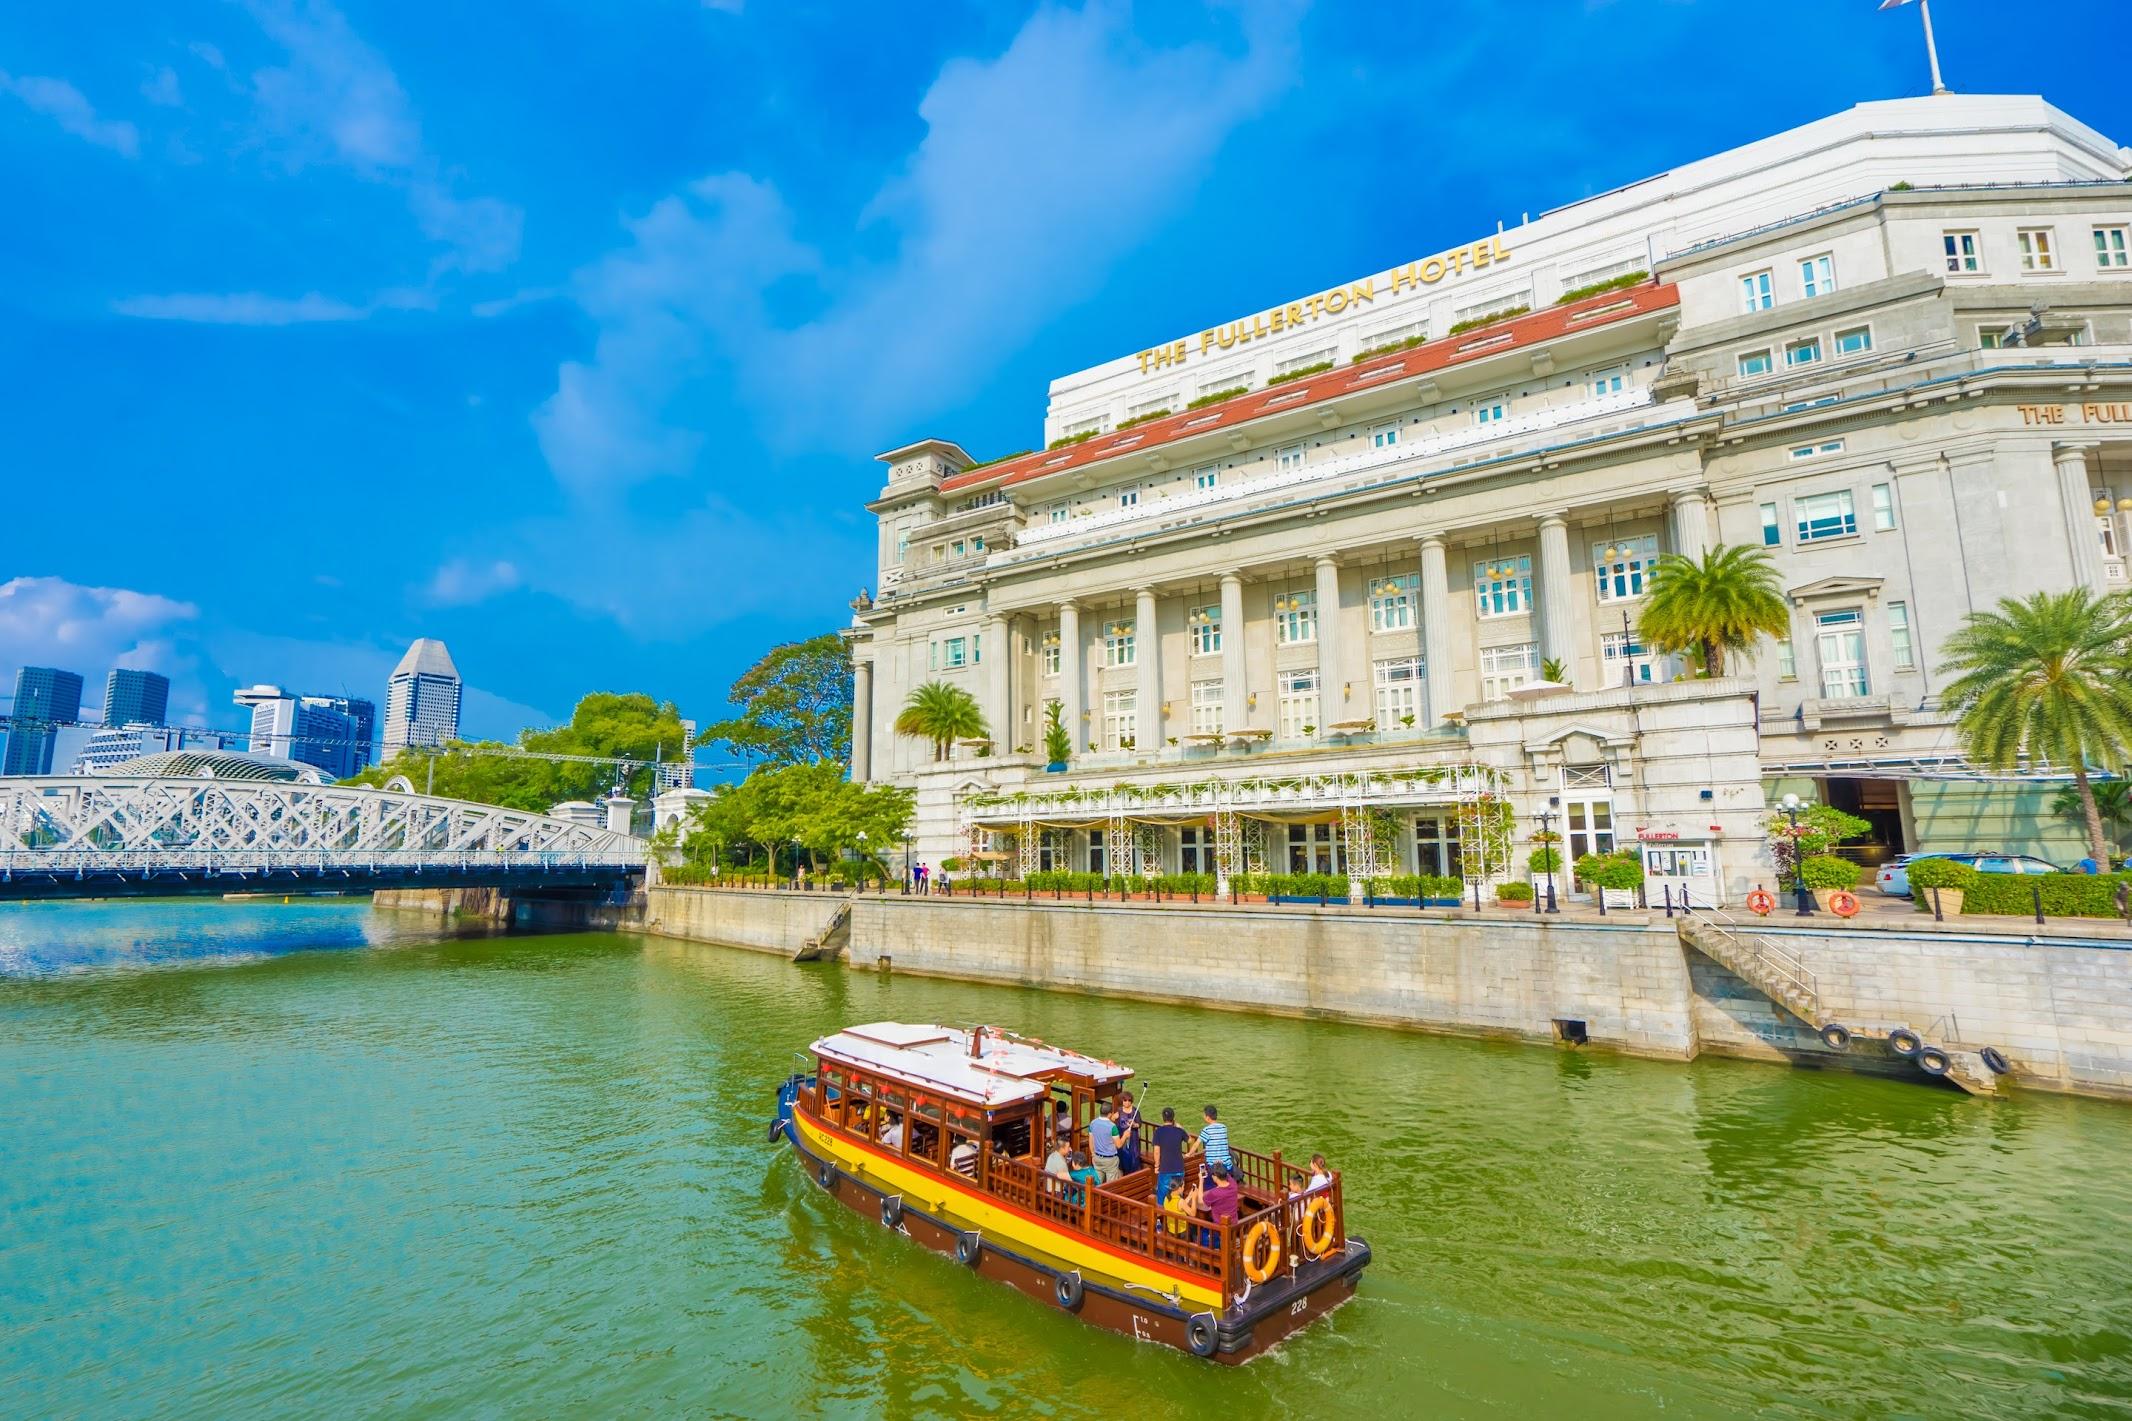 シンガポール フラトン・ホテル リバー・クルーズ1